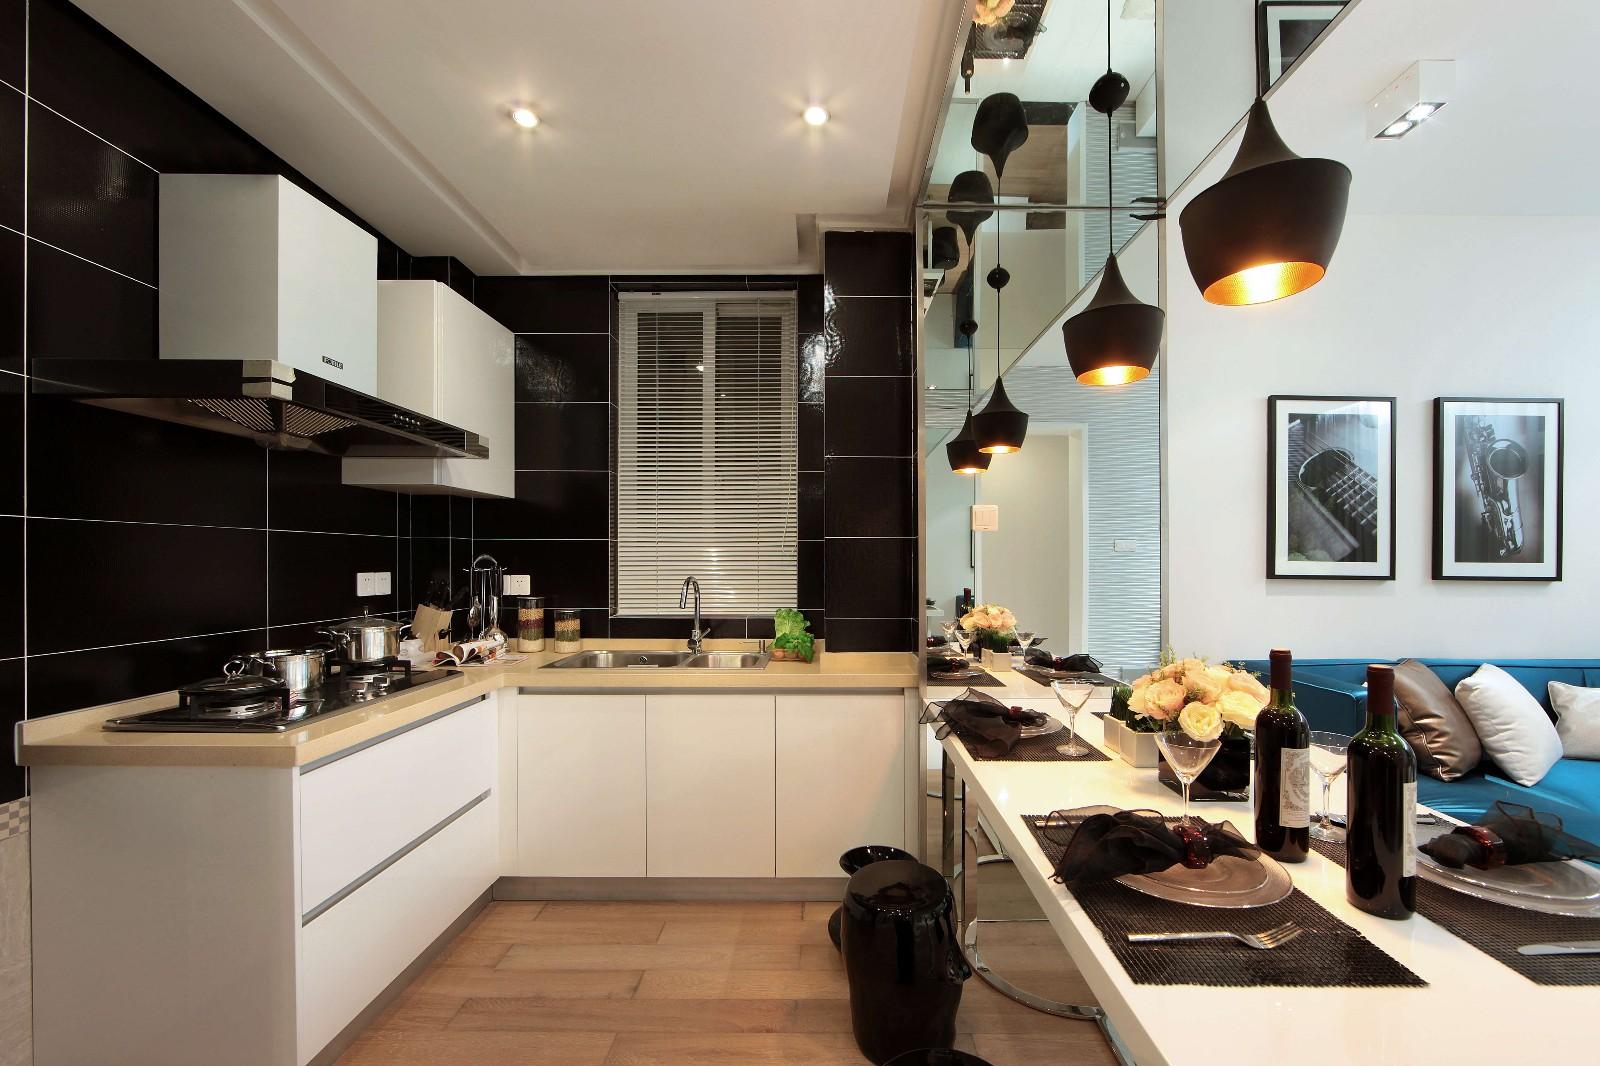 现代简约二居厨房装修效果图